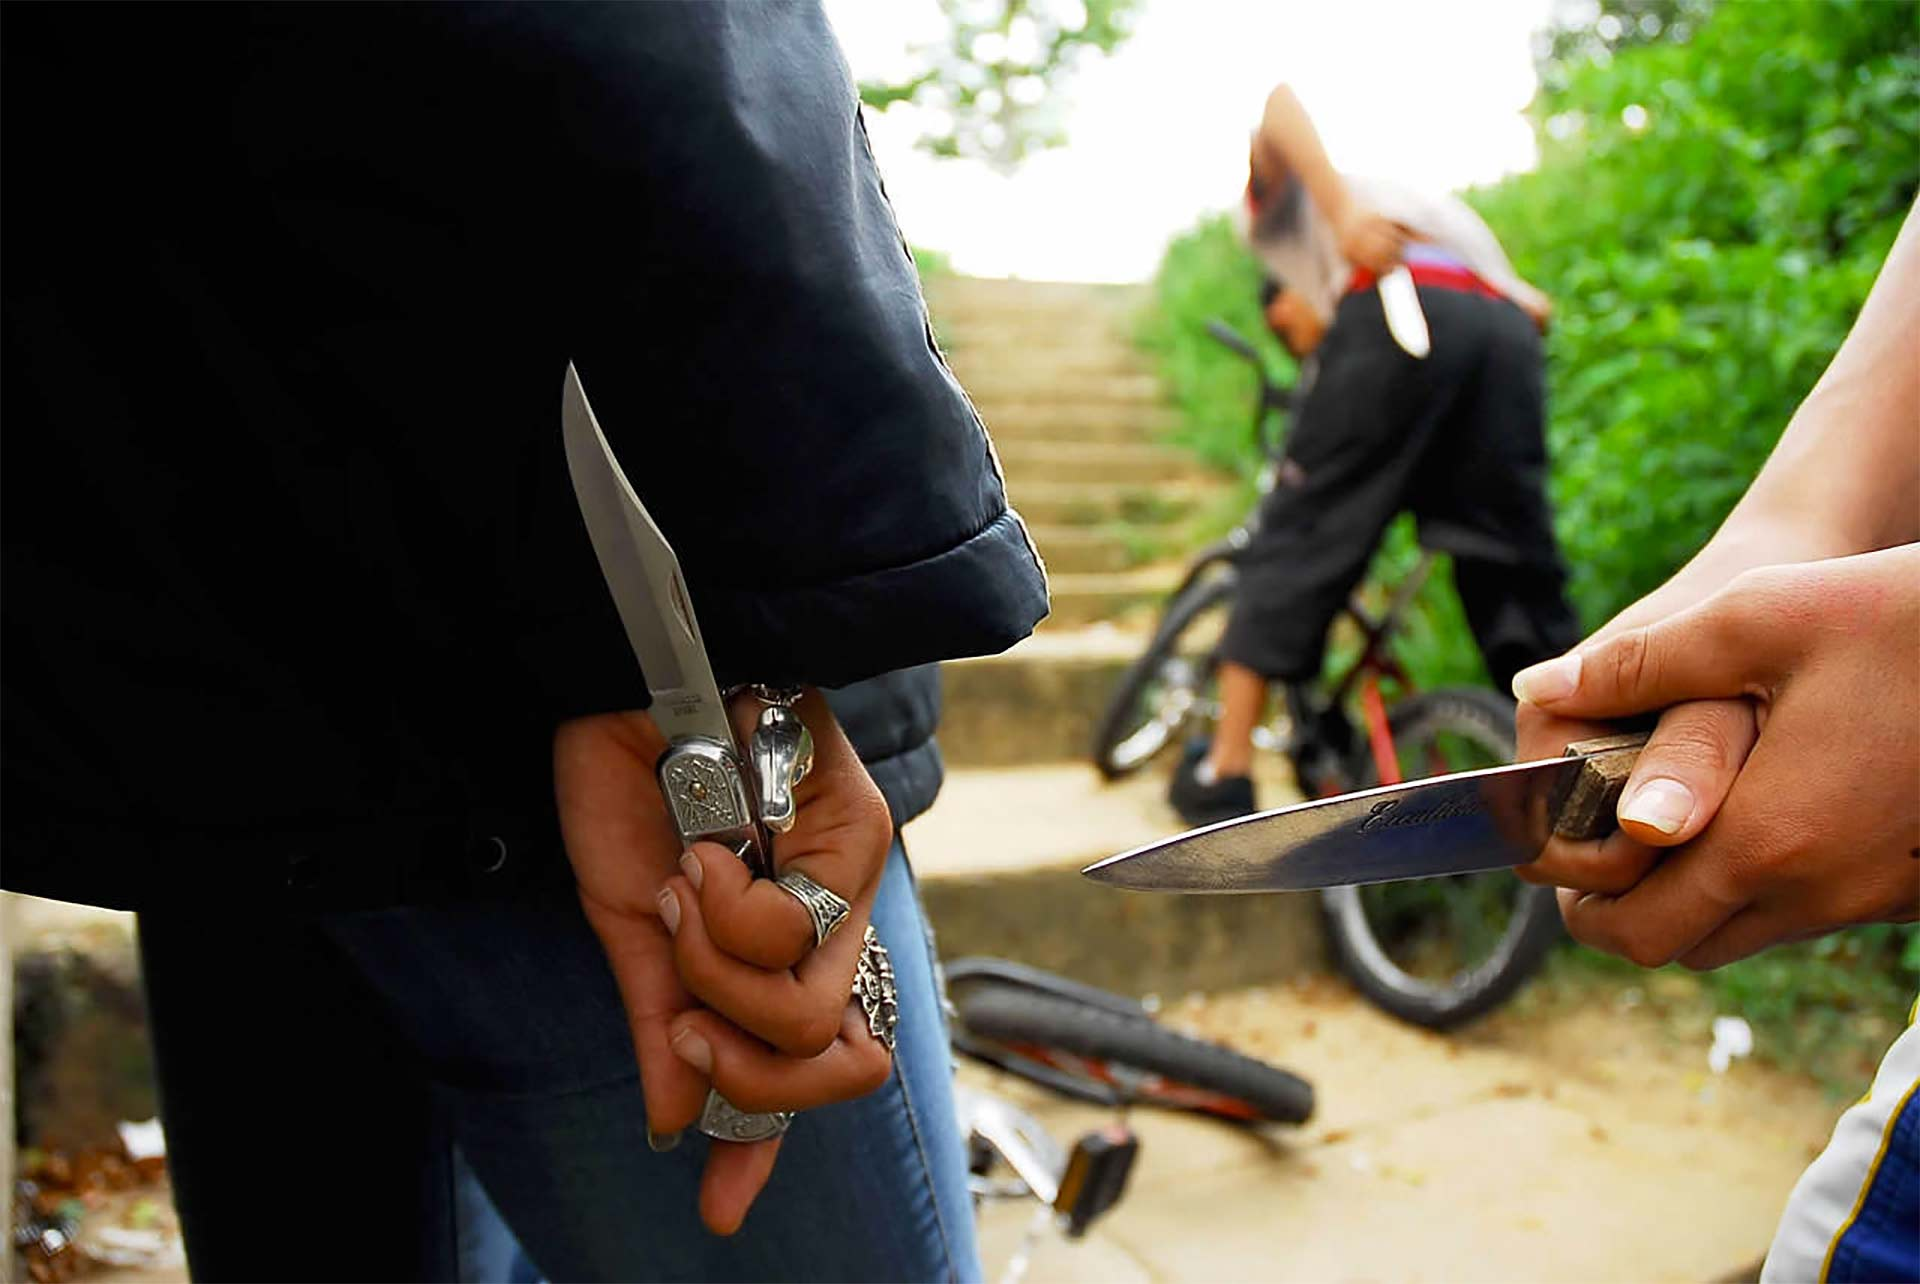 Aumento de violencia juvenil, problema de salud pública emergente